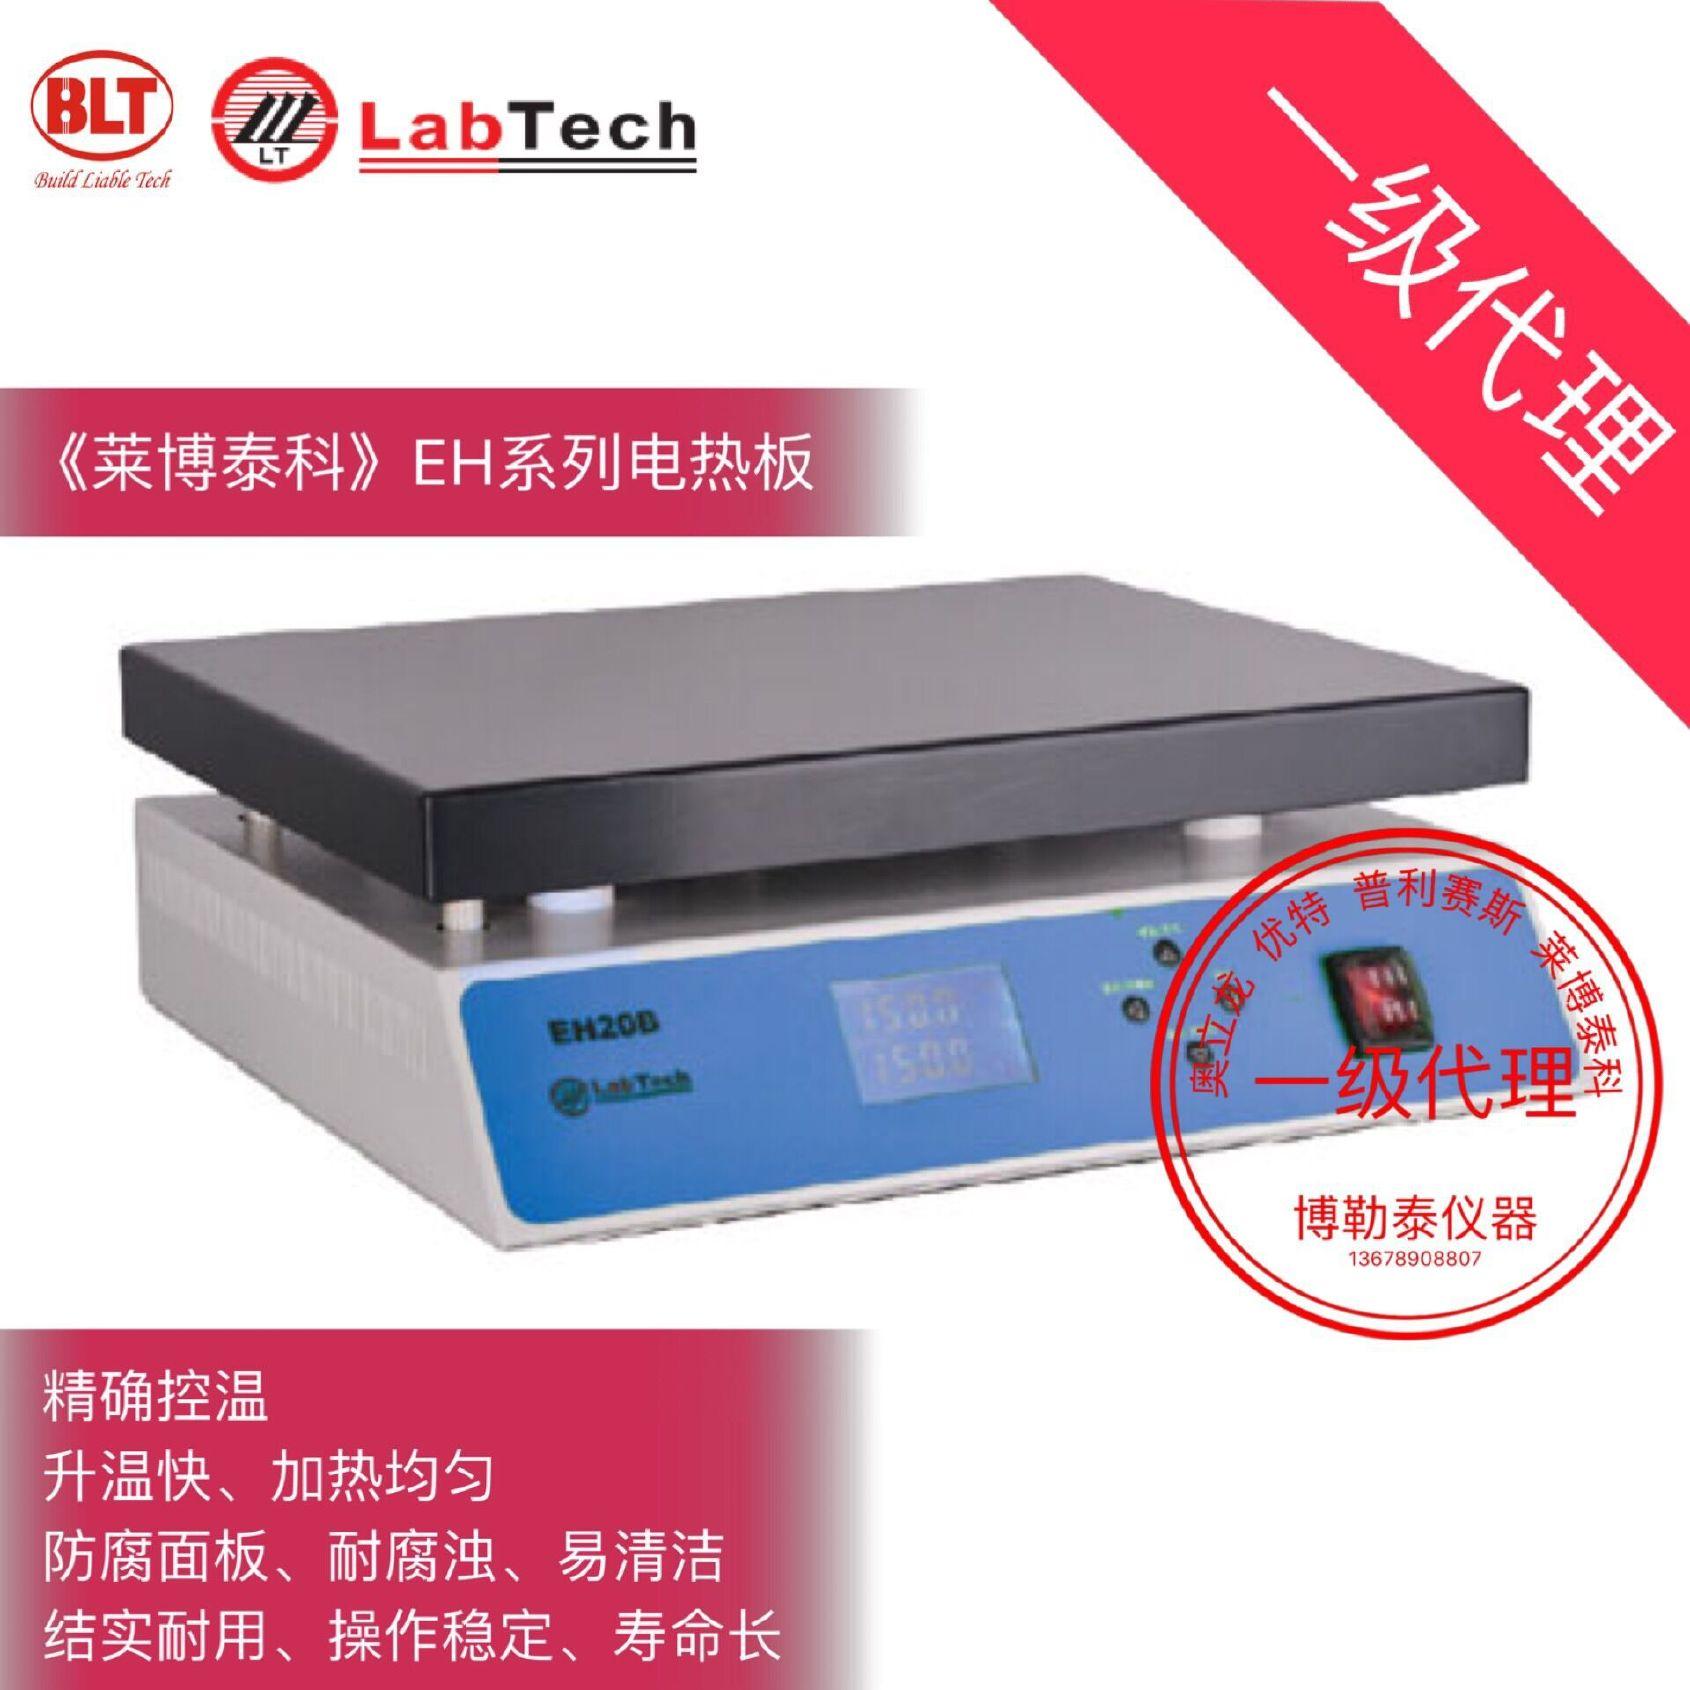 一级代理LabTech 莱伯泰科 微控数显电热板 EH系列 电热板